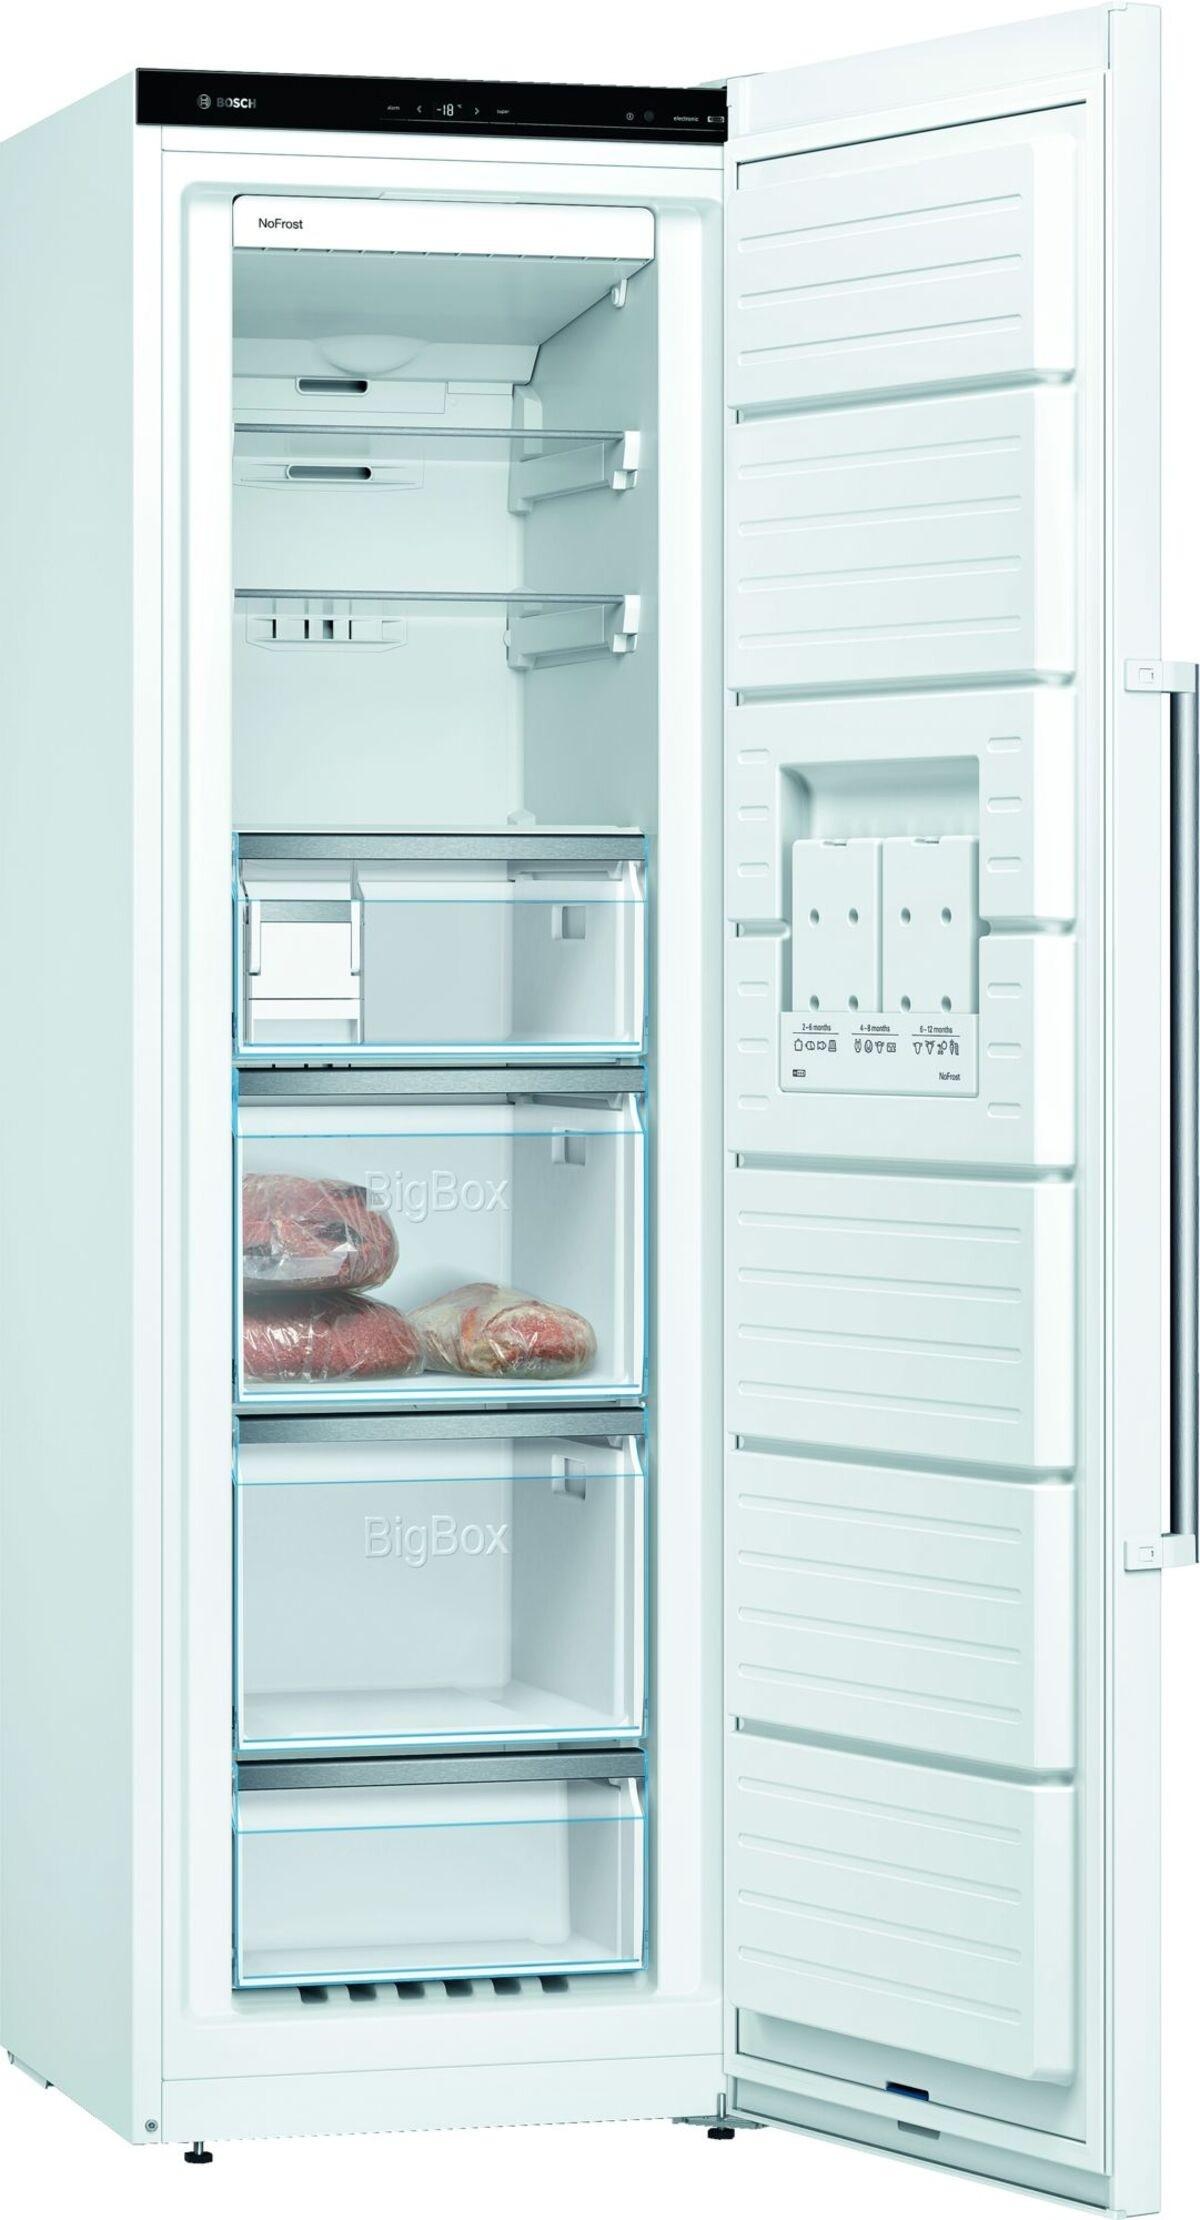 Bosch GSN36AWFPG Freezer